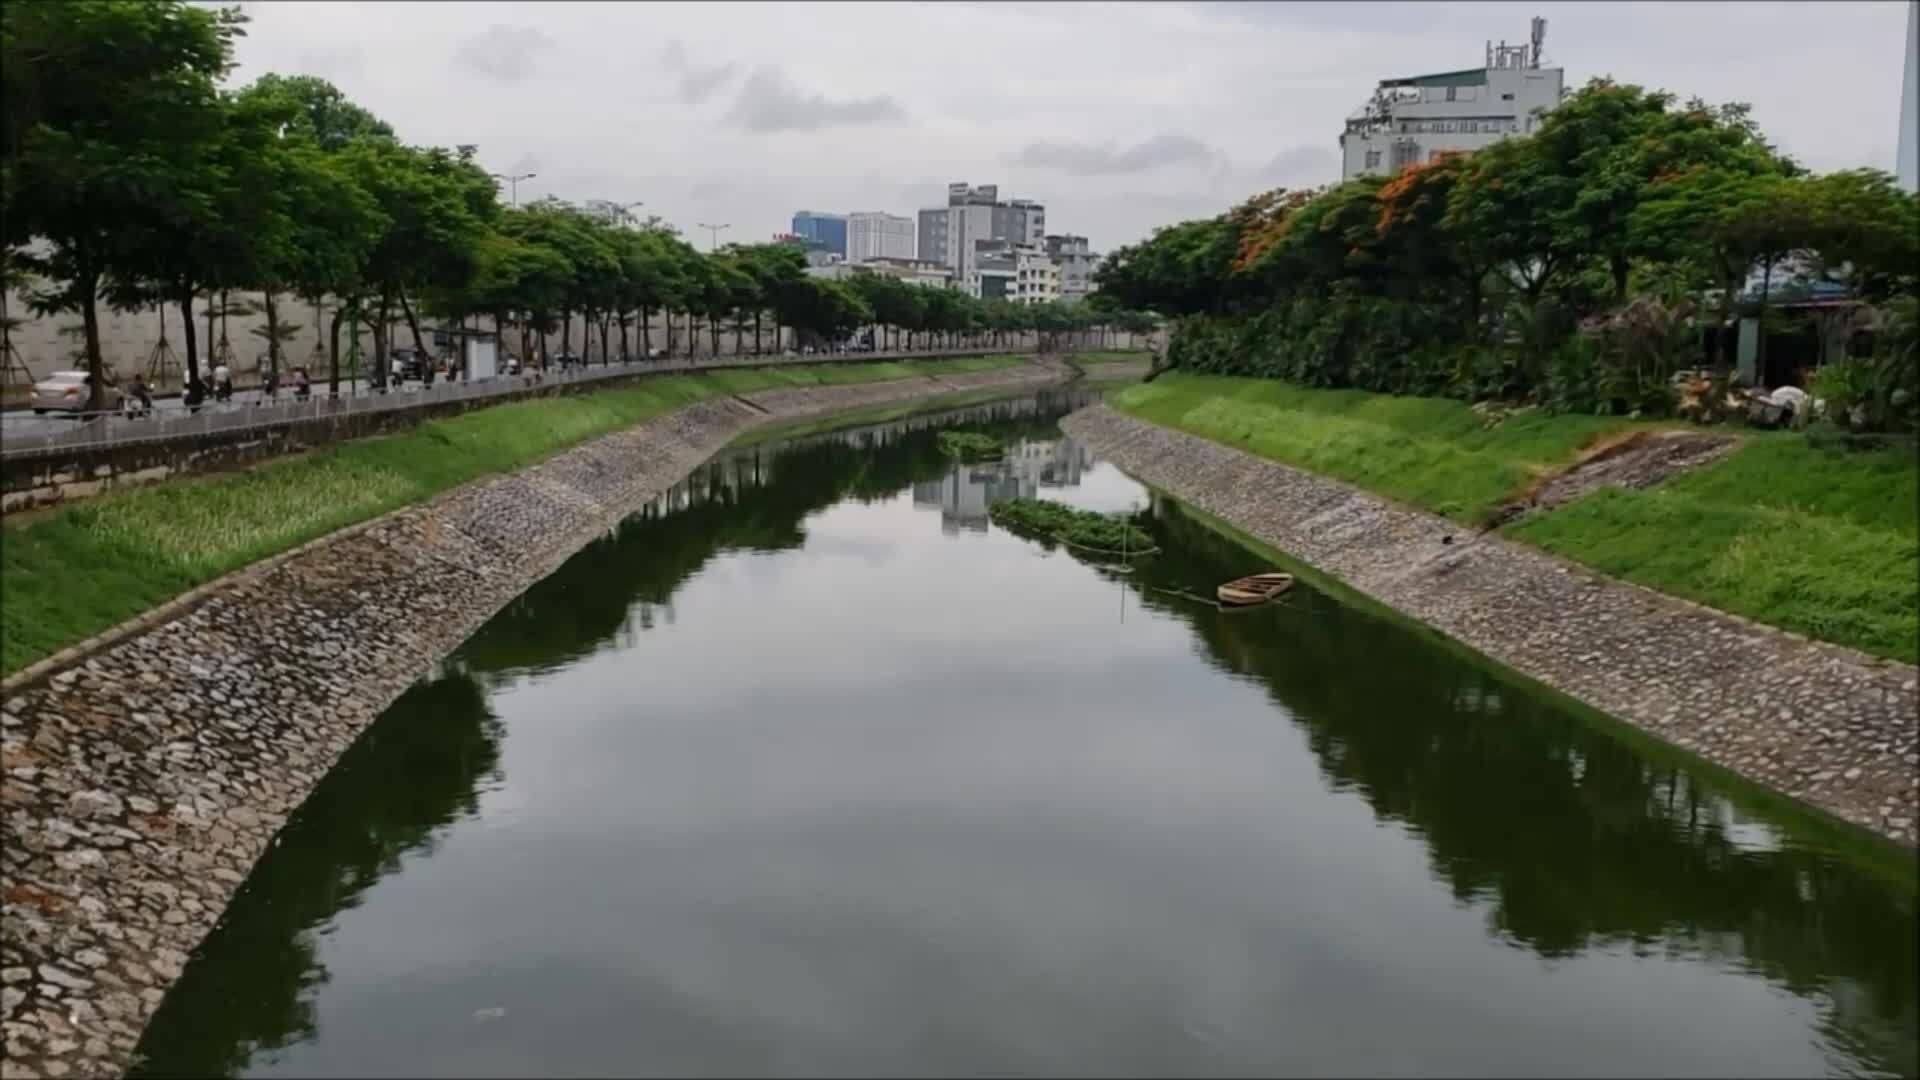 Công ty thoát nước Hà Nội: 'Công nghệ Nhật xử lý ô nhiễm sông Tô Lịch vào mùa mưa không hợp lý'